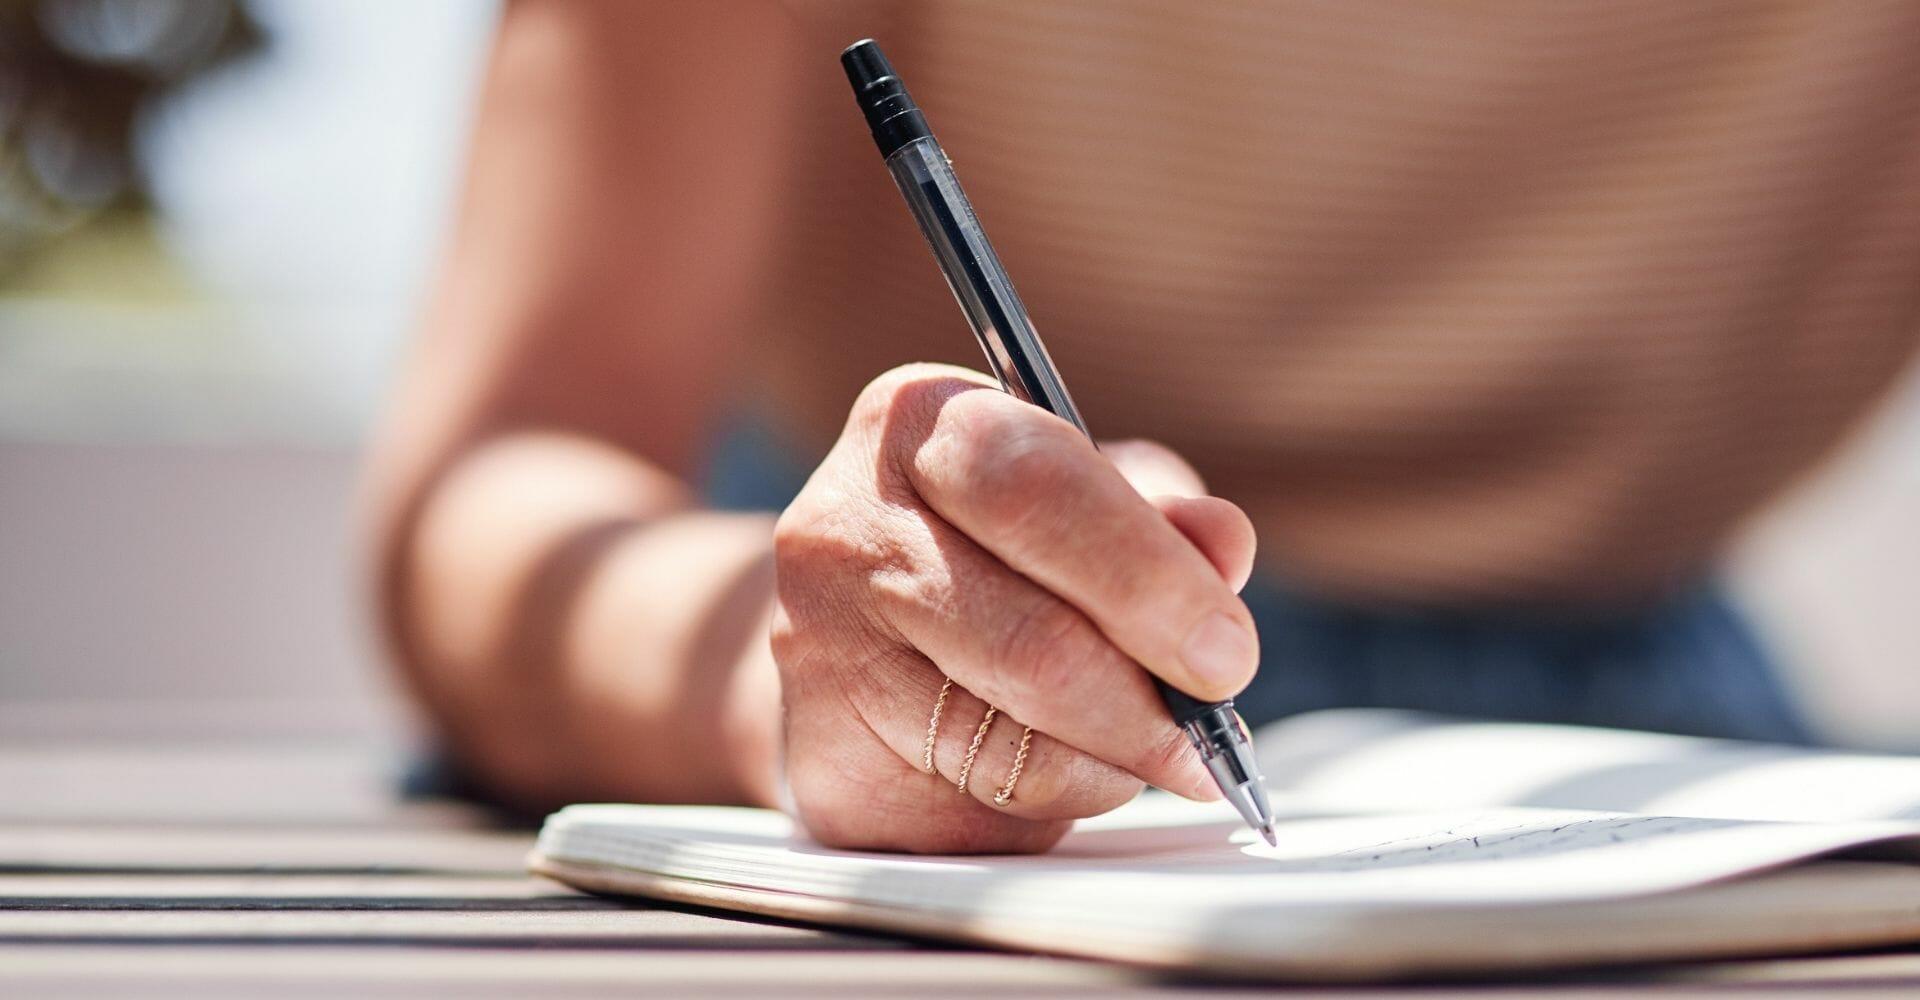 Come scrivere in modo semplice e chiaro: una guida